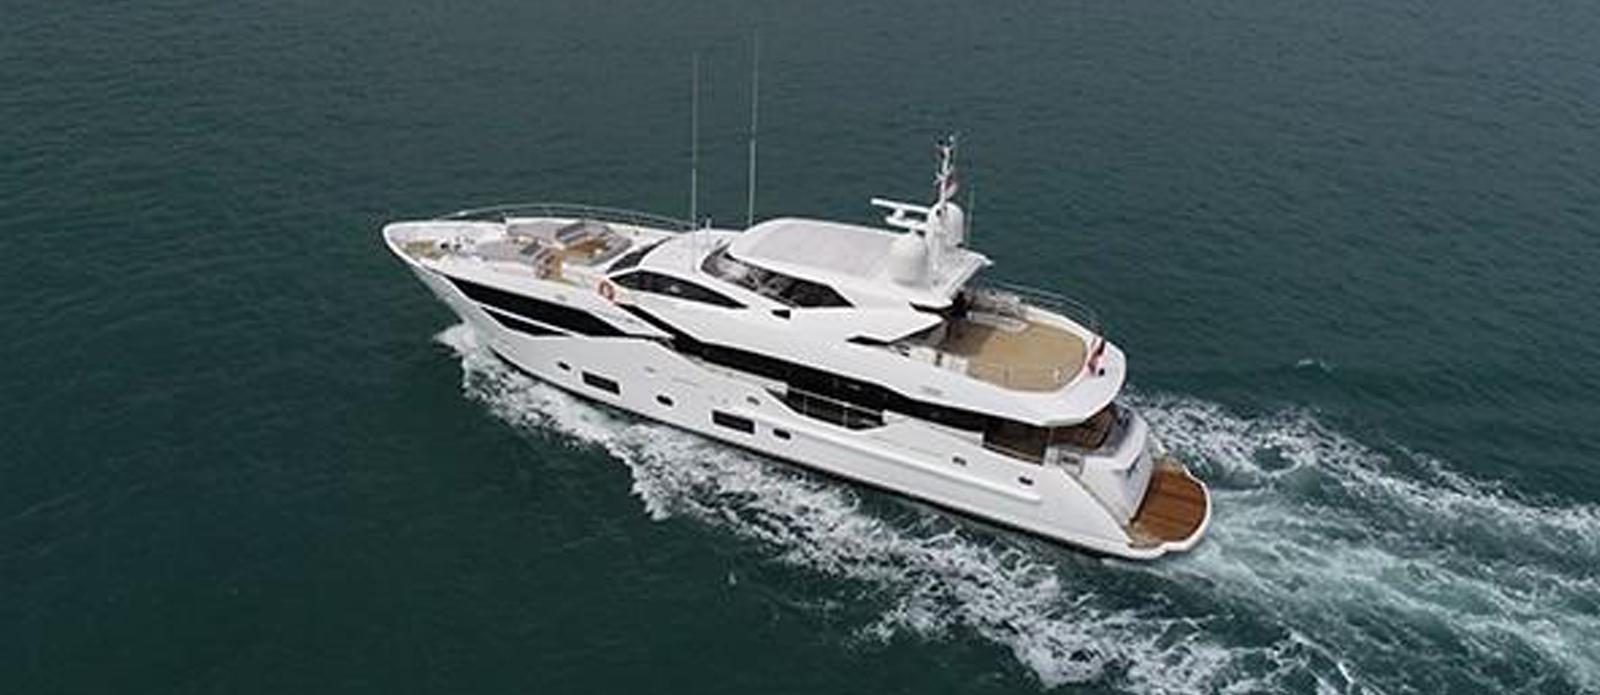 Sunseeker-116-Sport-Yacht-Priceless-4